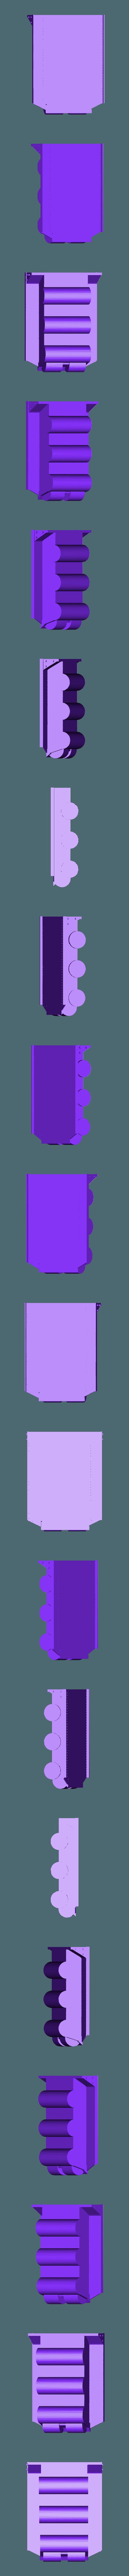 skull_hammer_rear_hull.stl Télécharger fichier STL gratuit Demi-rail à vapeur / orque / orque • Modèle pour impression 3D, redstarkits